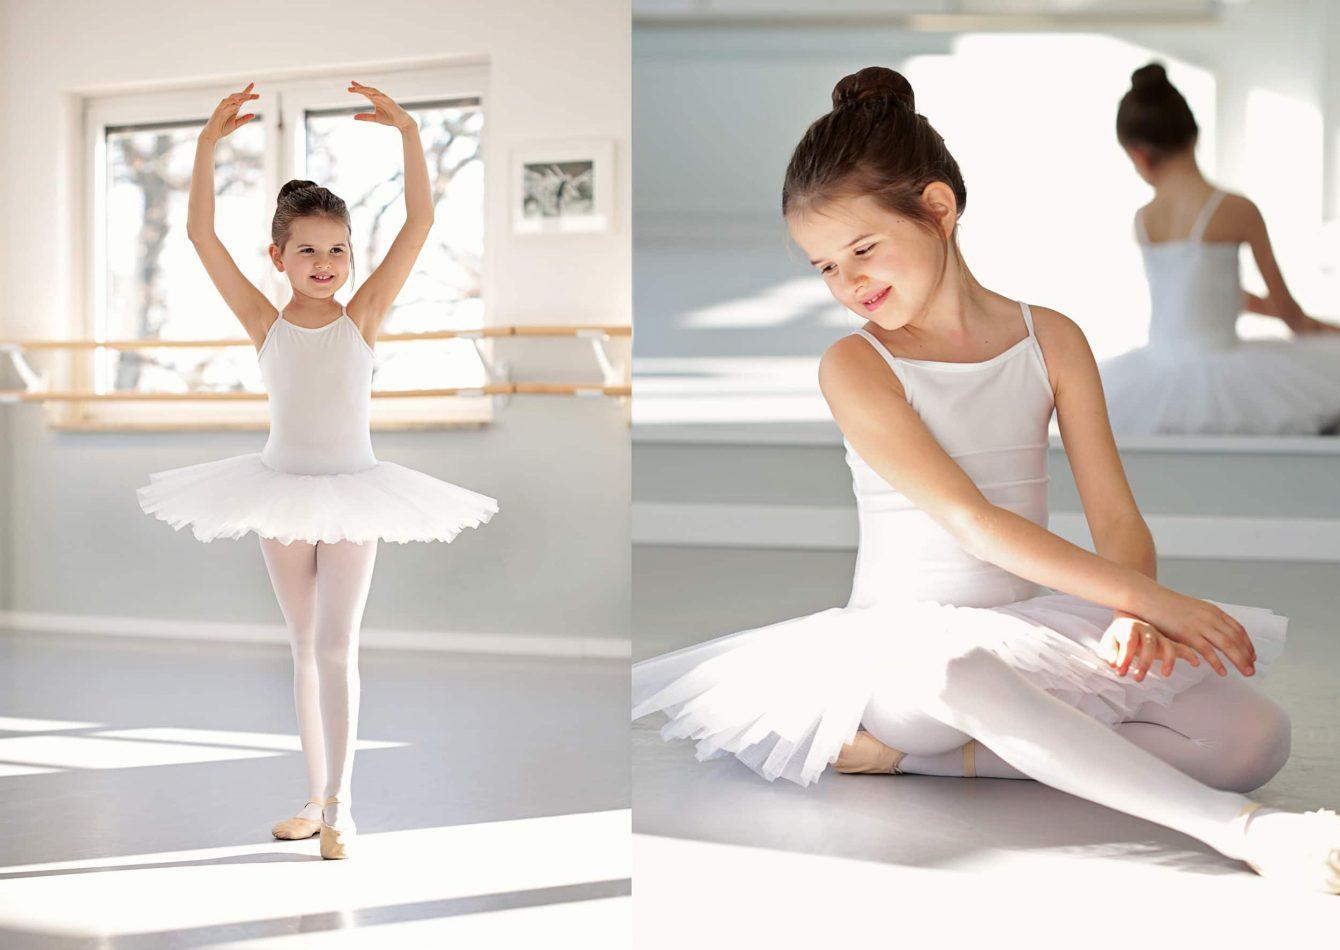 010-Ballettschule-01